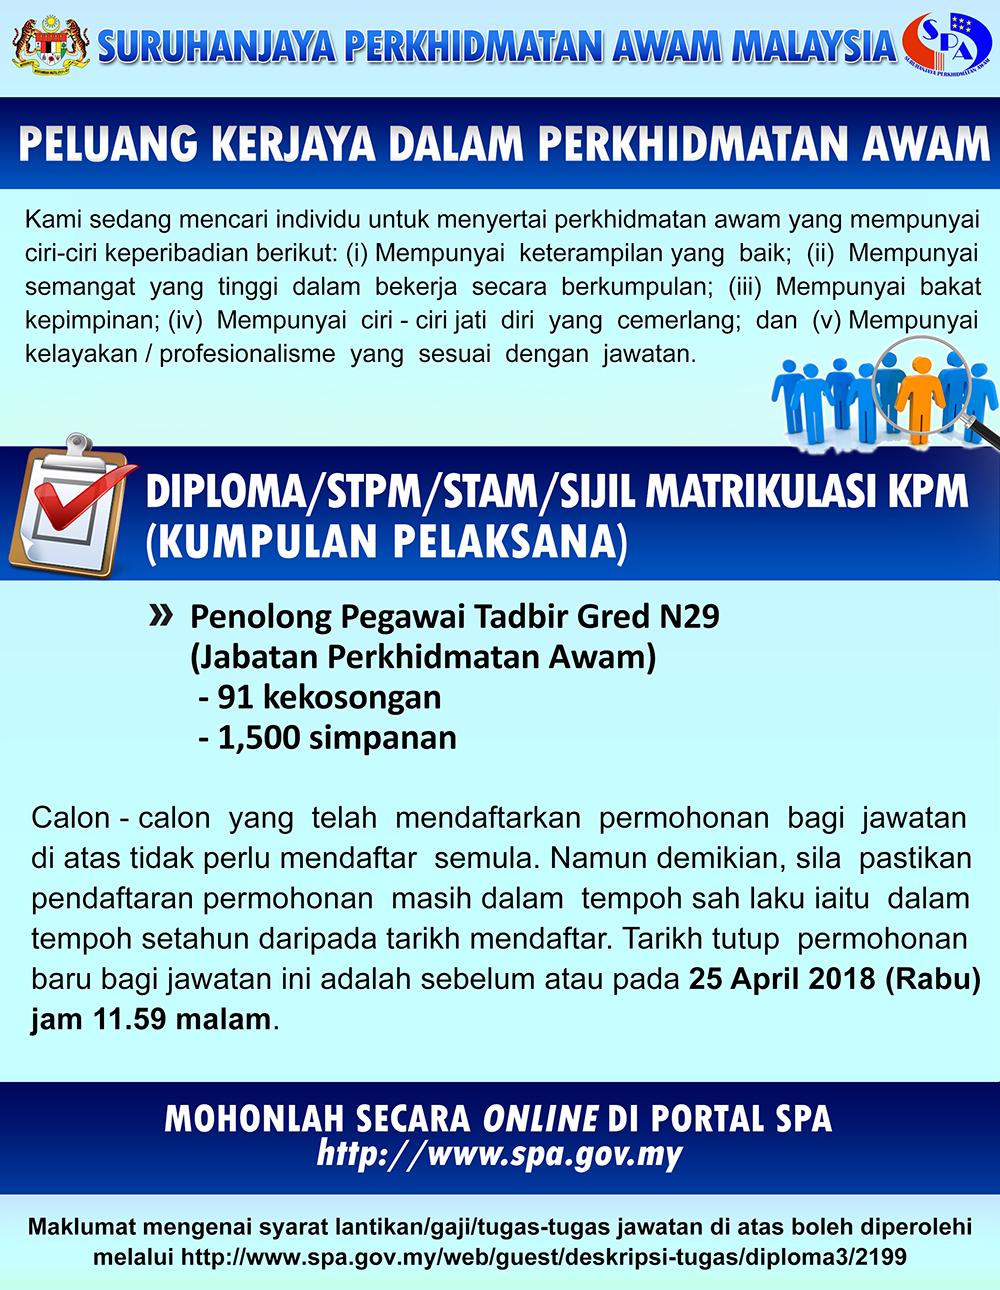 Jawatan Kosong Penolong Pegawai Tadbir Gred N29 Kelayakan Diploma Gaji Rm1 493 00 Rm5 672 00